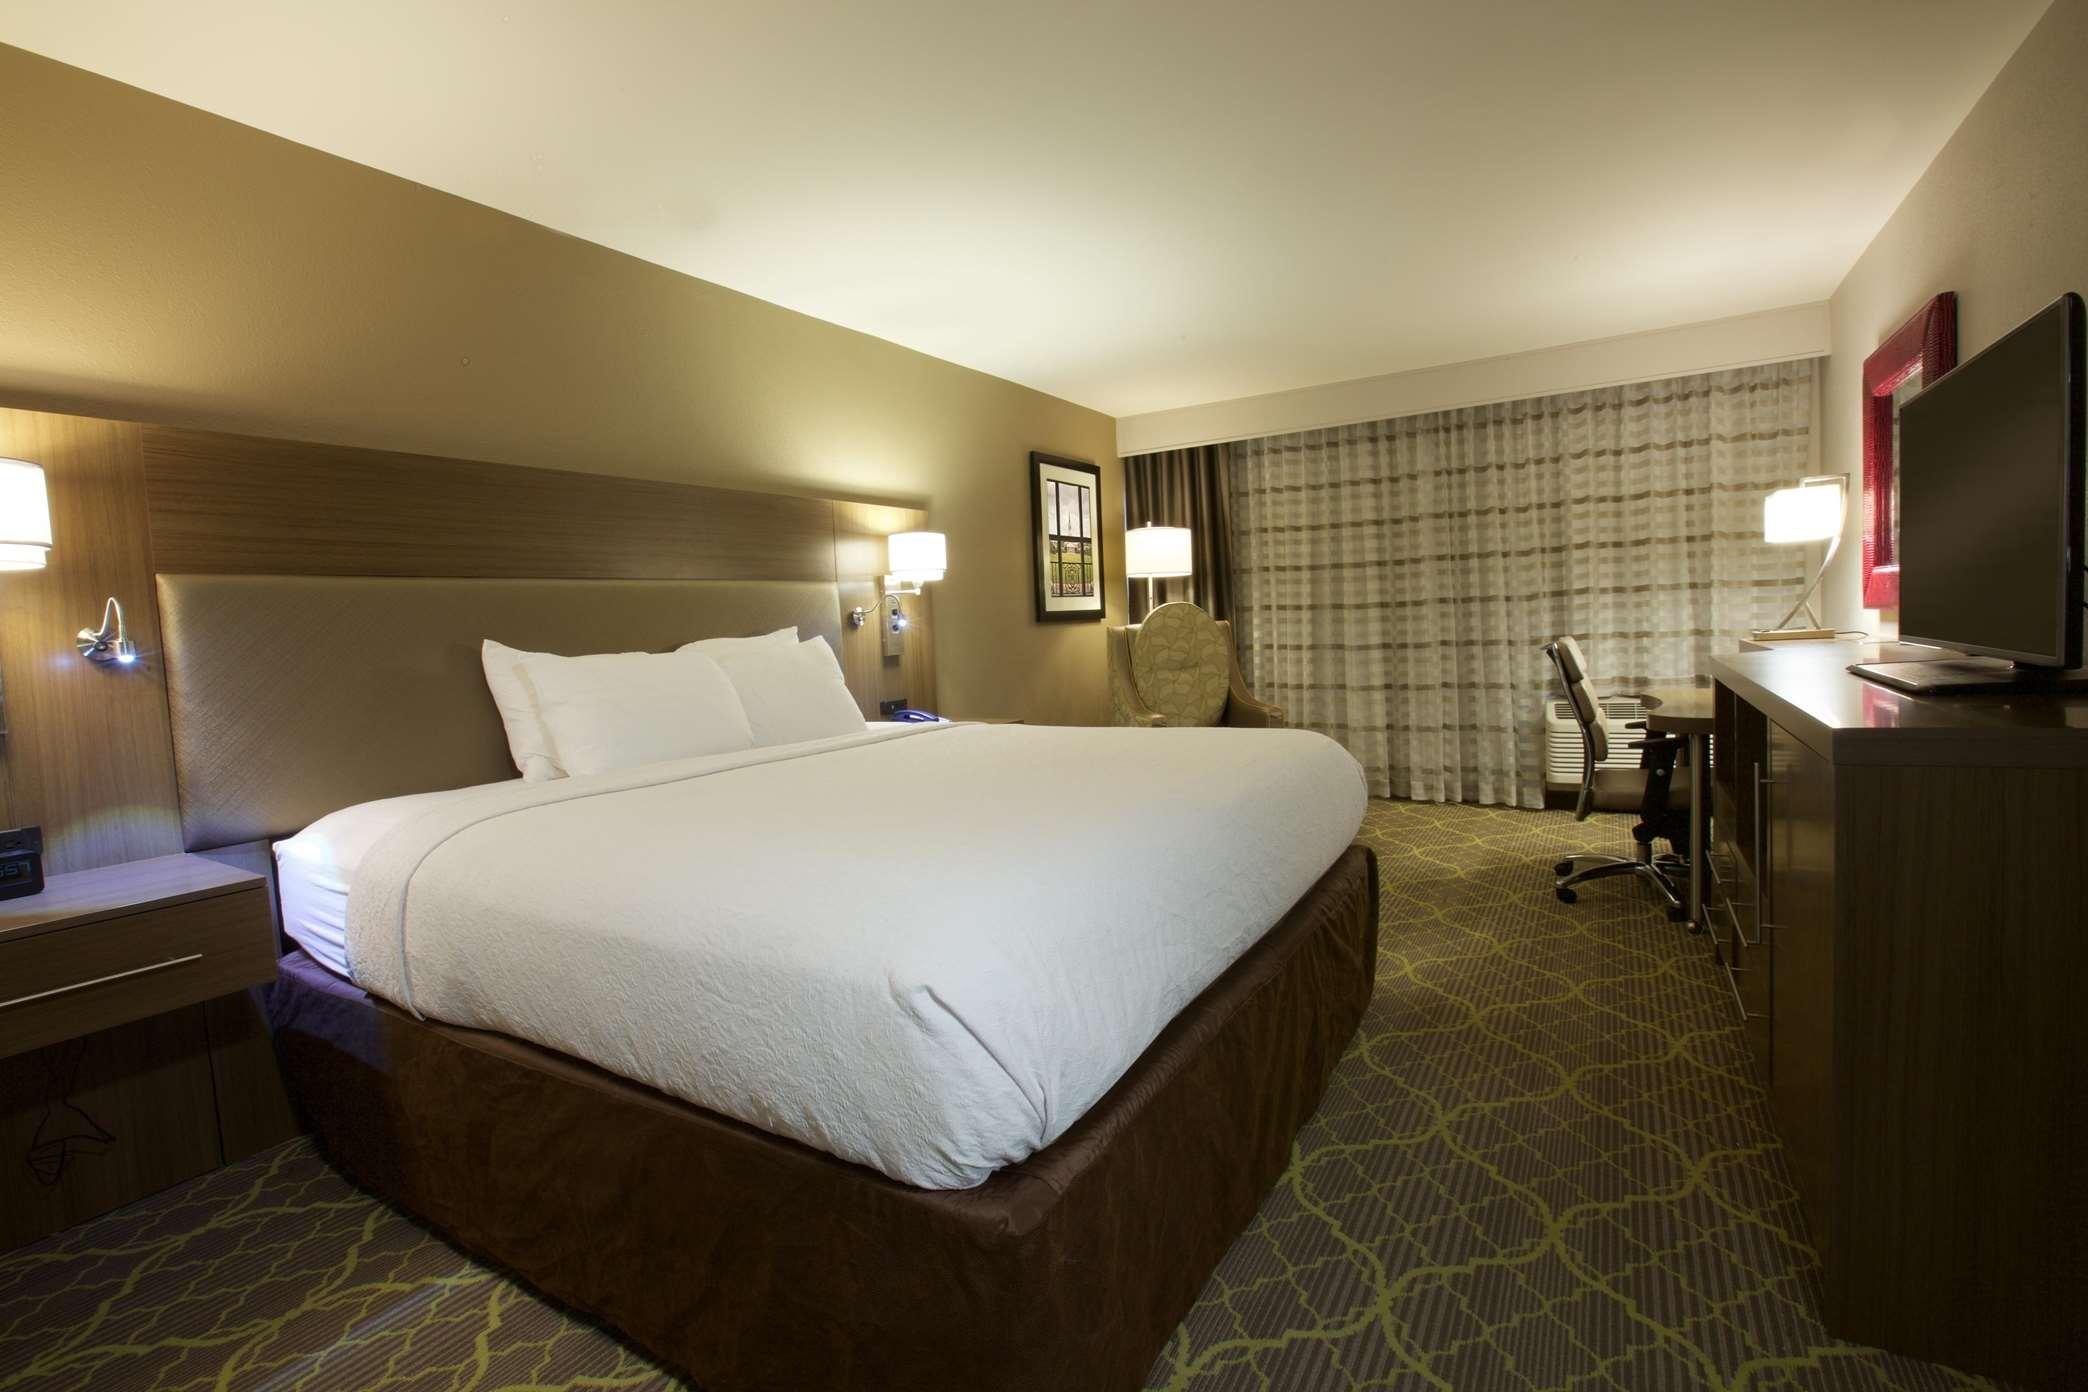 DoubleTree by Hilton Hotel Winston Salem - University image 0